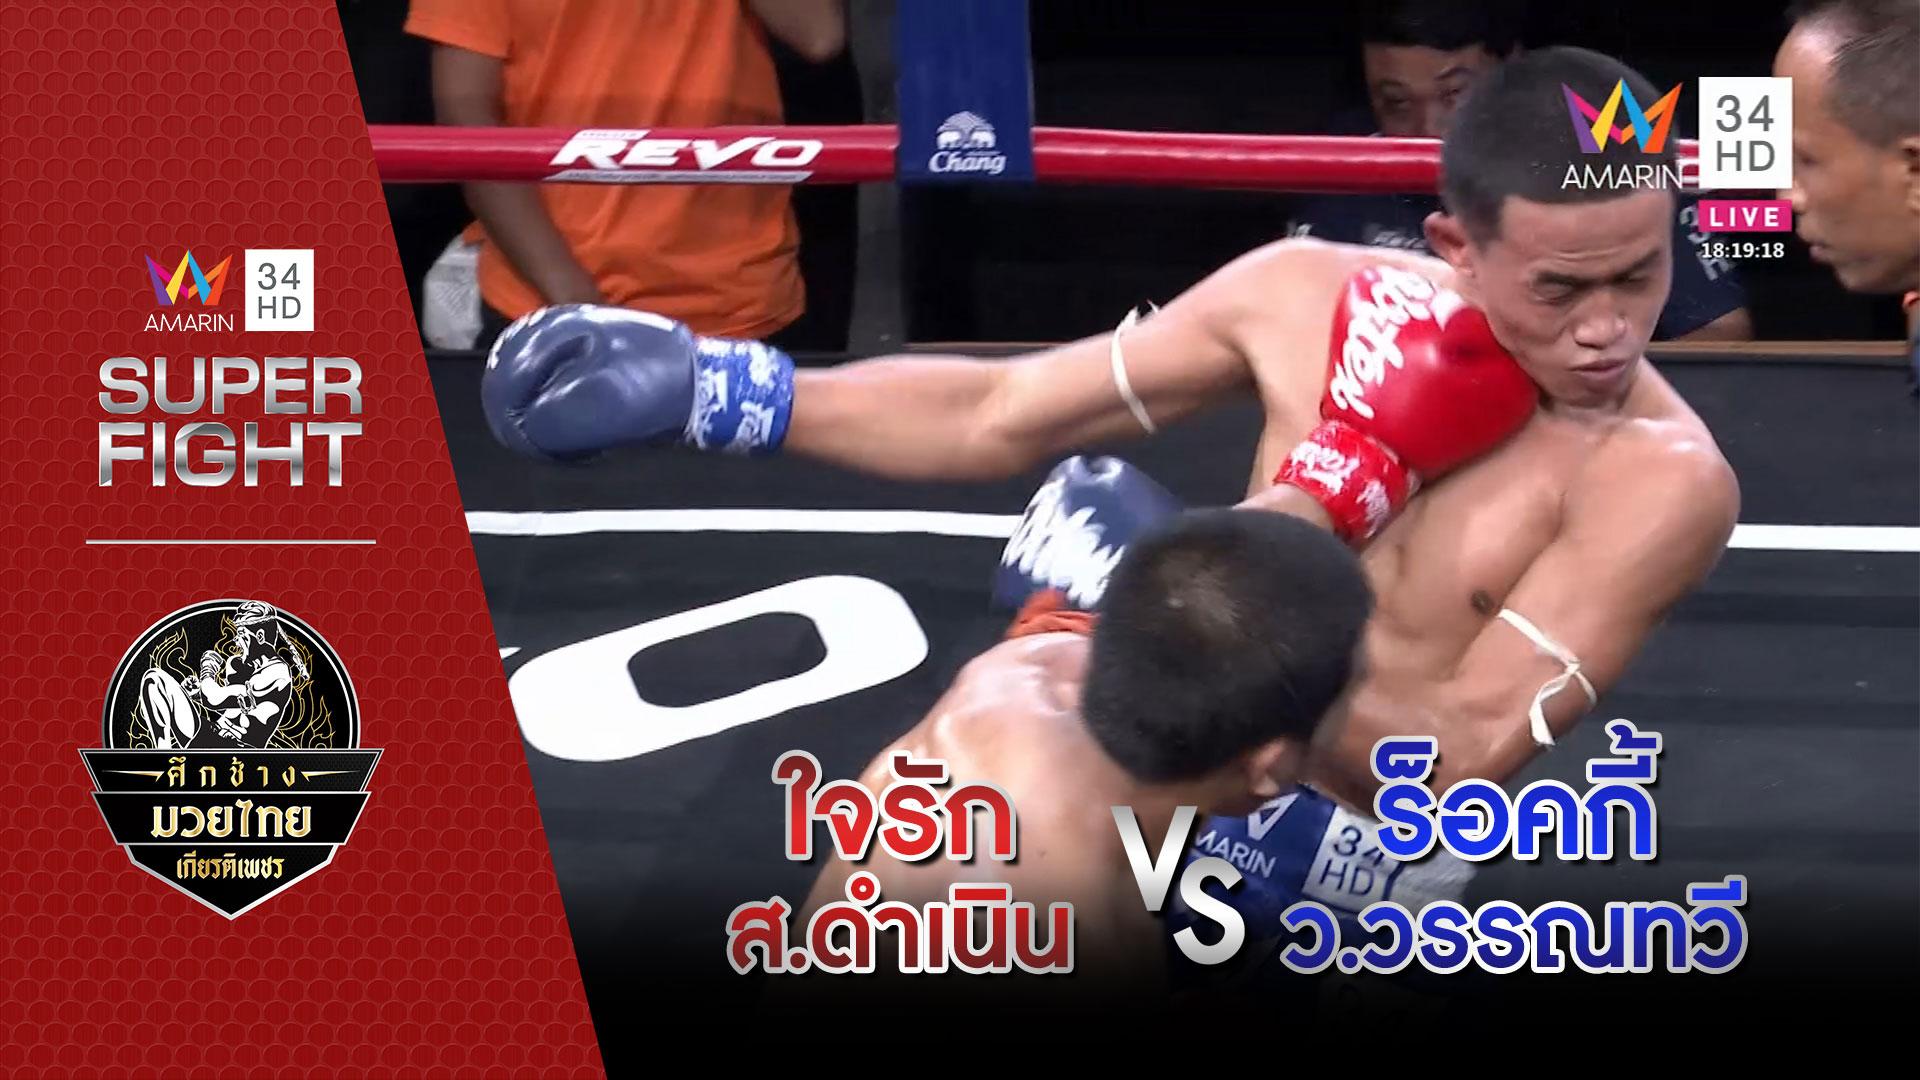 ใจรัก ส.ดำเนิน Vs ร็อคกี้ ว.วรรณทวี   อมรินทร์ซูเปอร์ไฟต์ ศึกช้างมวยไทยเกียรติเพชร   1 มี.ค. 63   AMARIN TVHD34